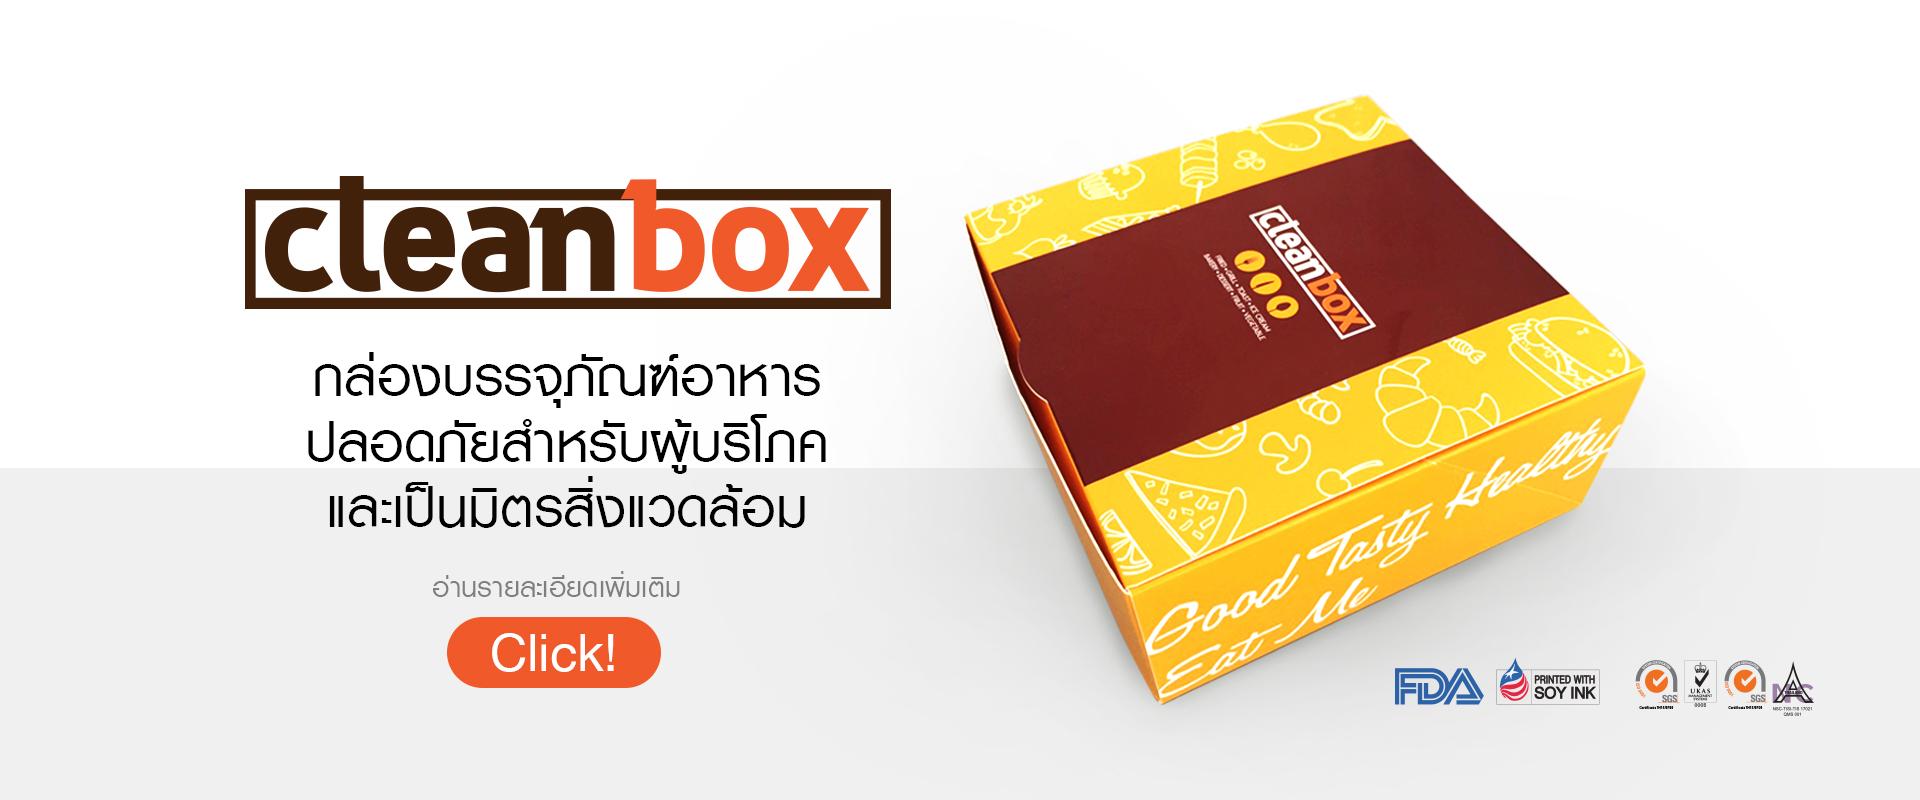 กล่องกระดาษสำหรับใส่อาหาร CleanBox